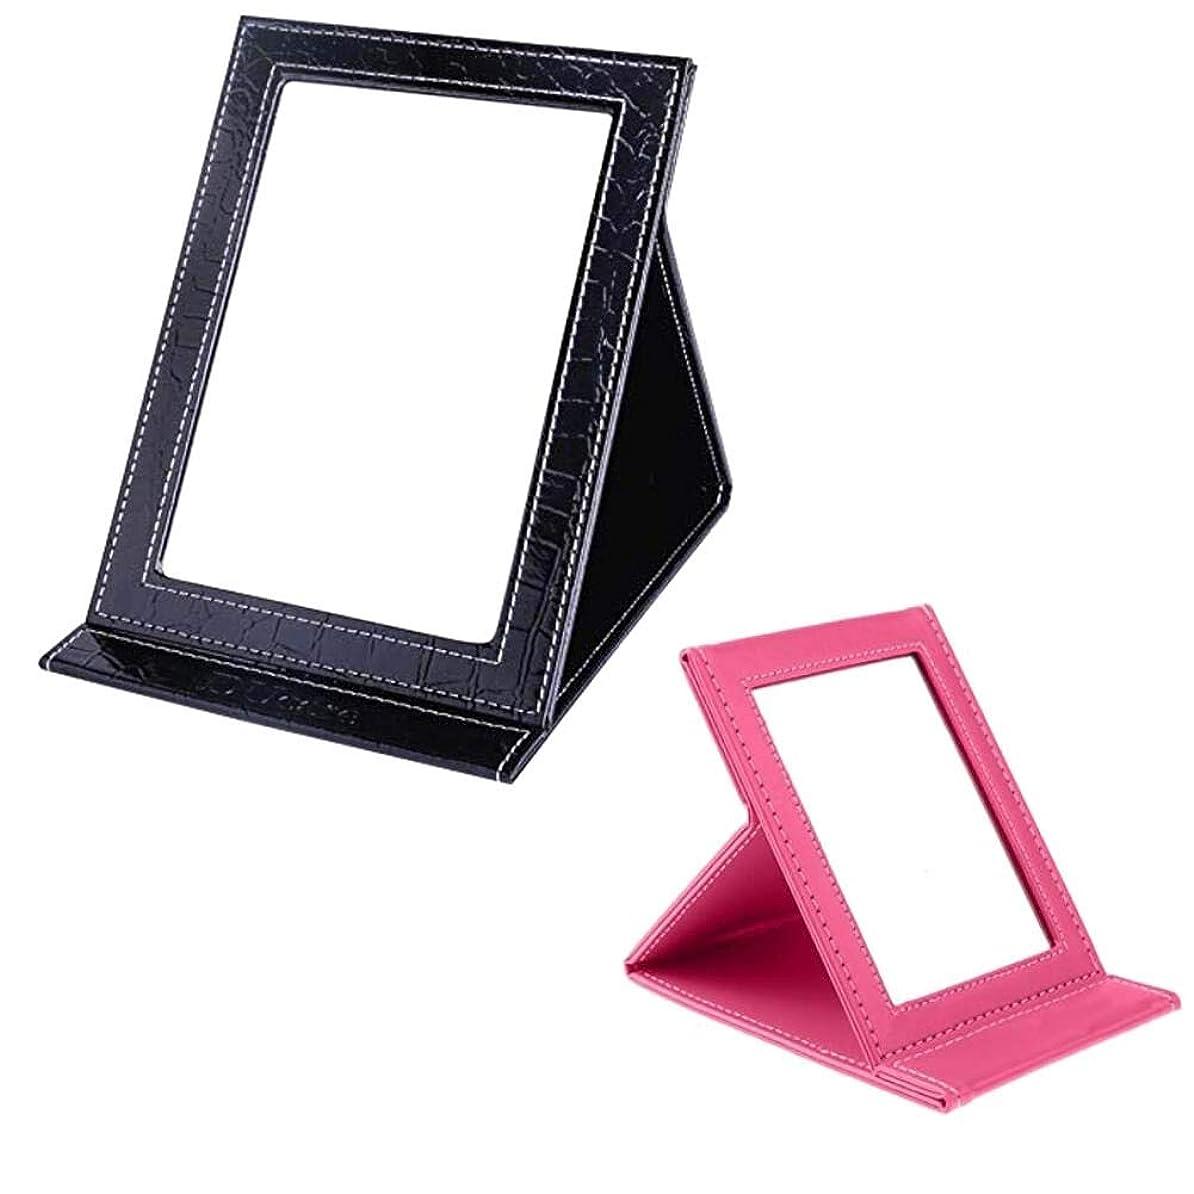 キー軍隊漏れポータブルトラベルバニティミラーデスクトップ折りたたみミラー、化粧品個人用美容用スタンド付き卓上ミラー、化粧鏡メイクアップ用に立っている大型折りたたみミラー